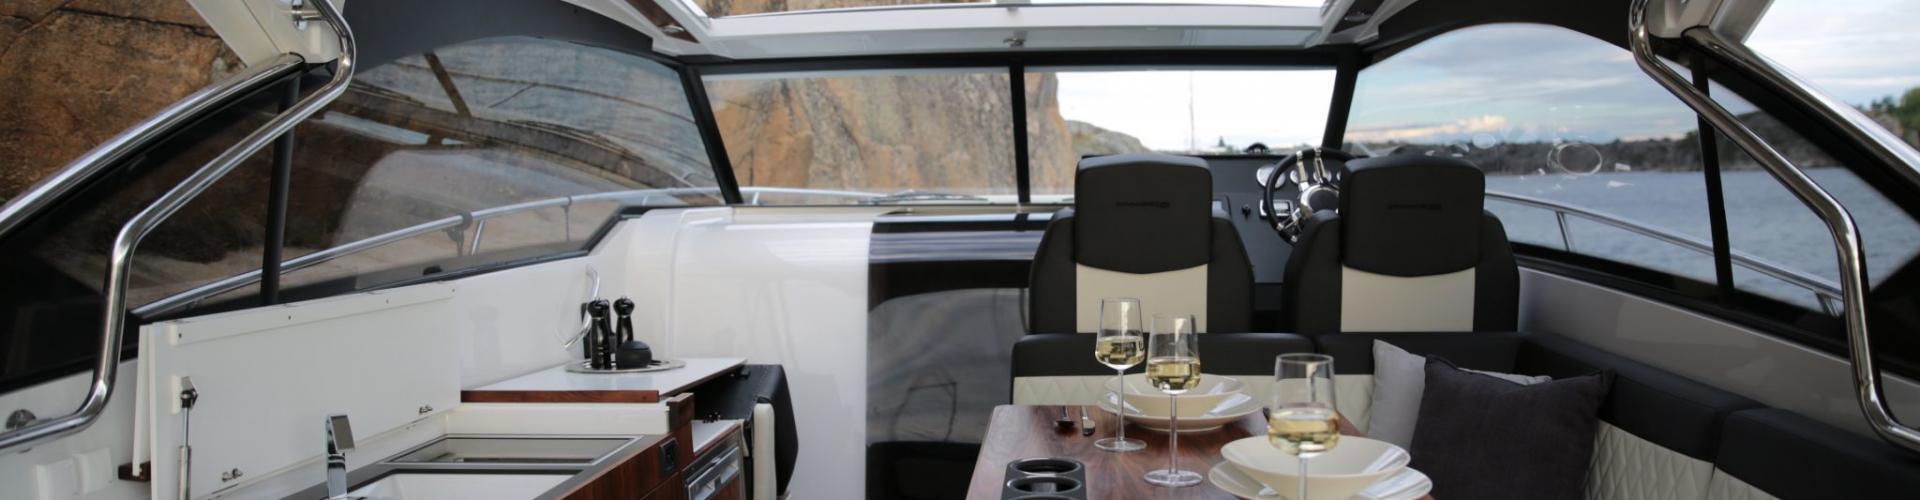 Motoryacht Grandezza 34 OC